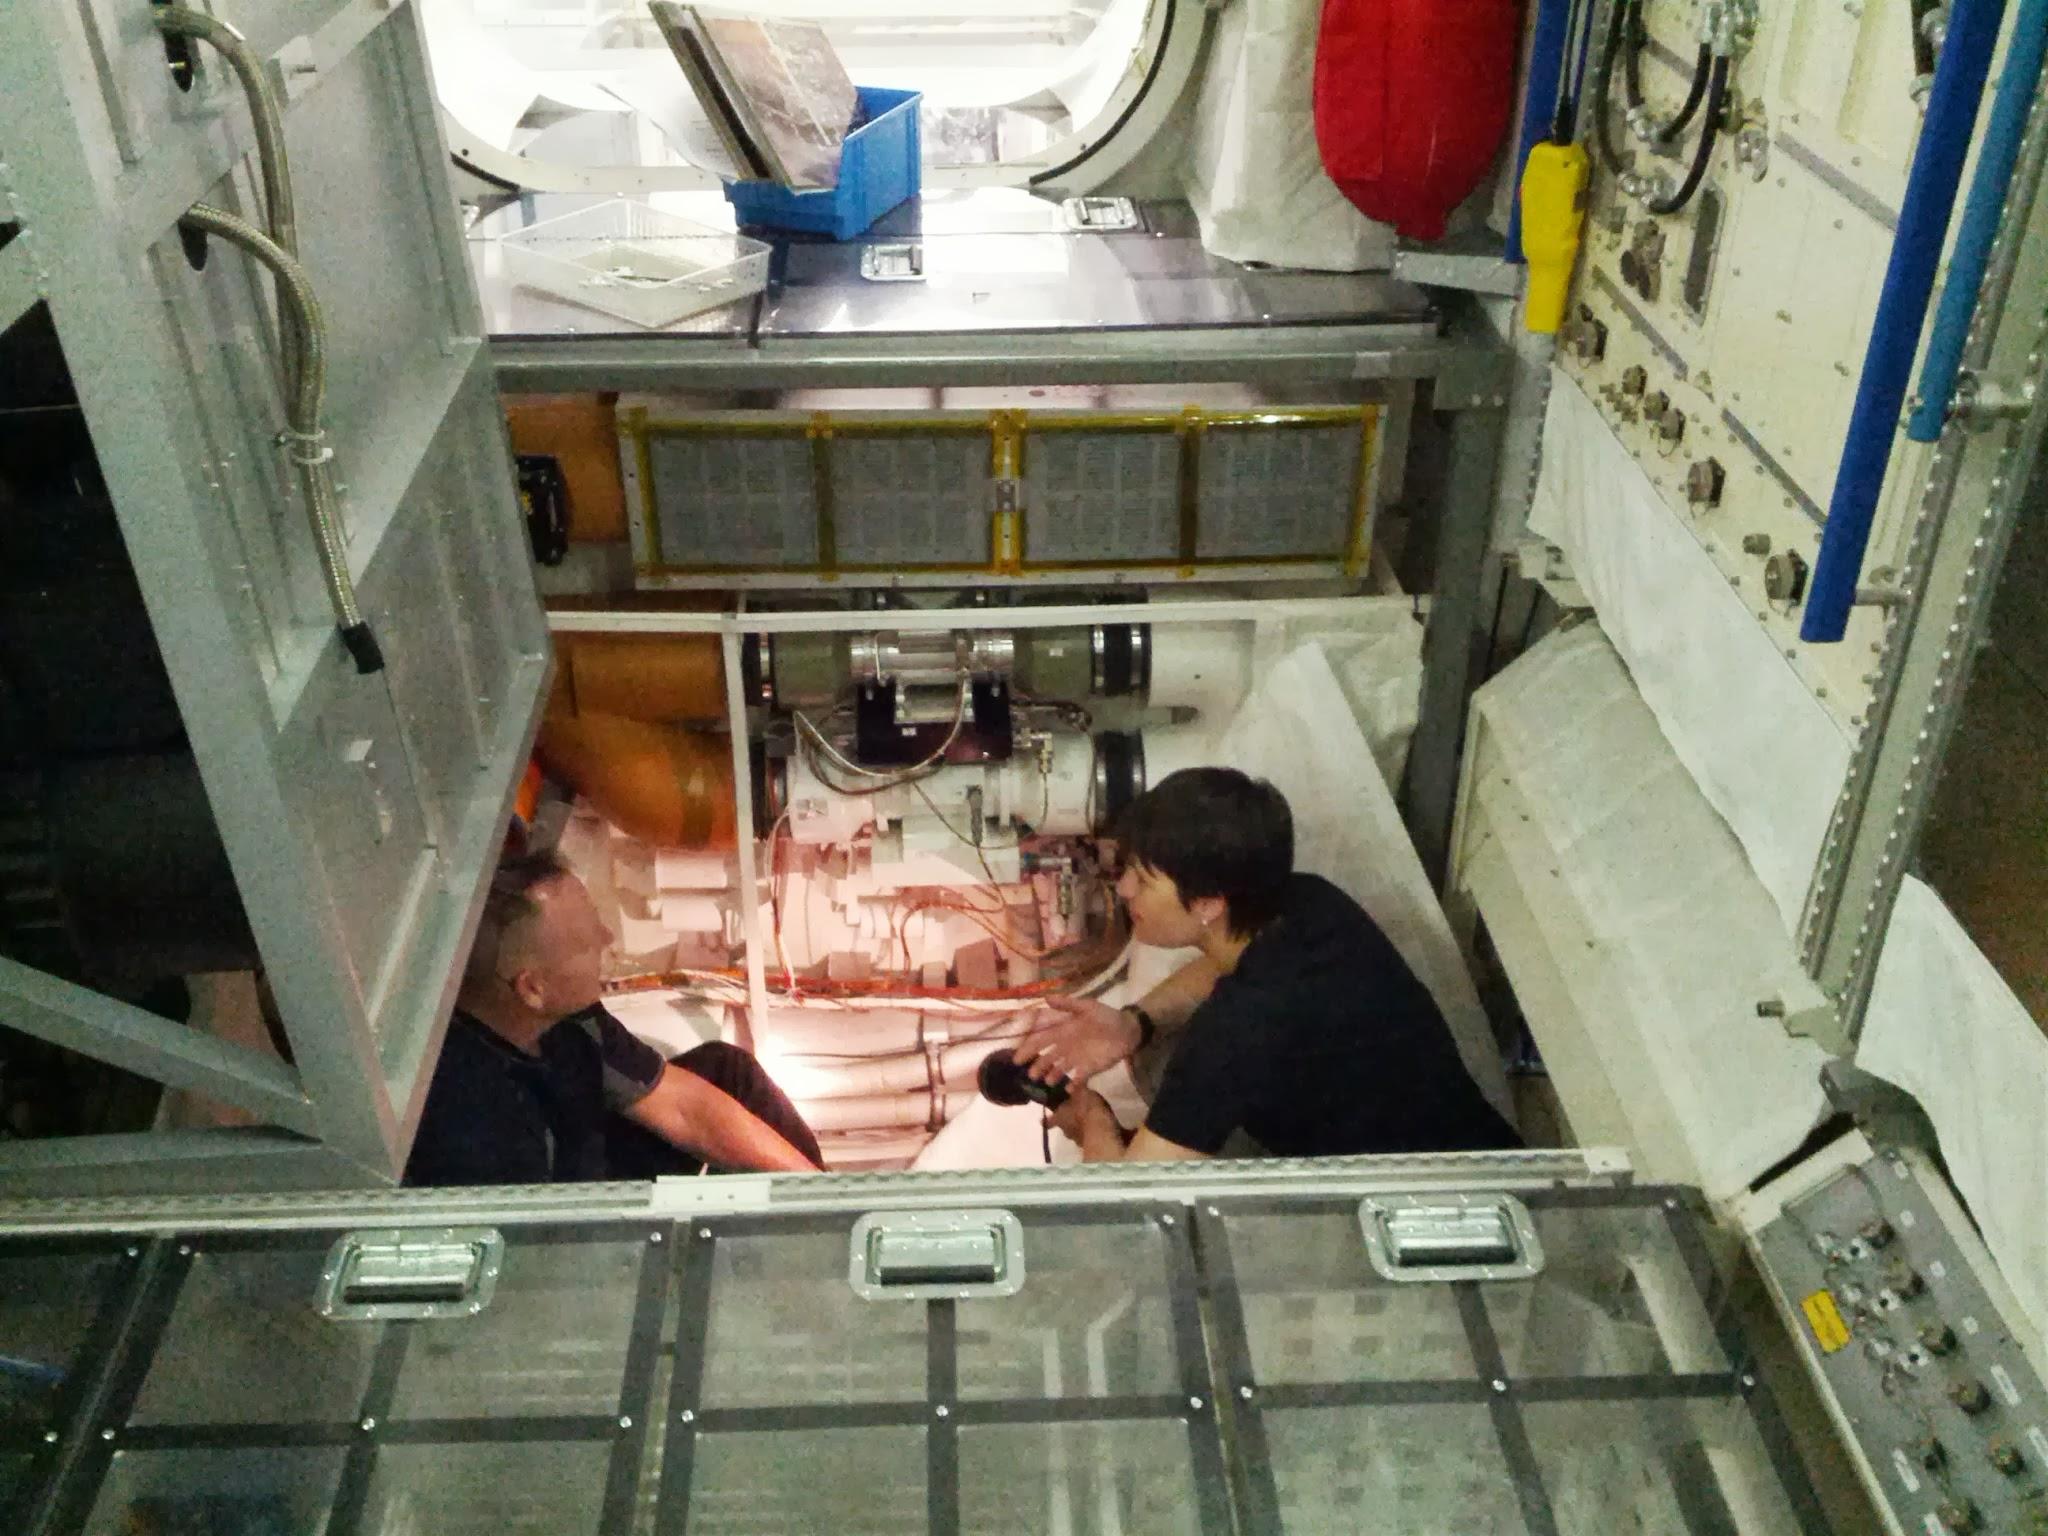 Samantha Cristoforetti al lavoro in un alloggiamento di un rack di Columbus. Fonte: Samantha Cristoforetti